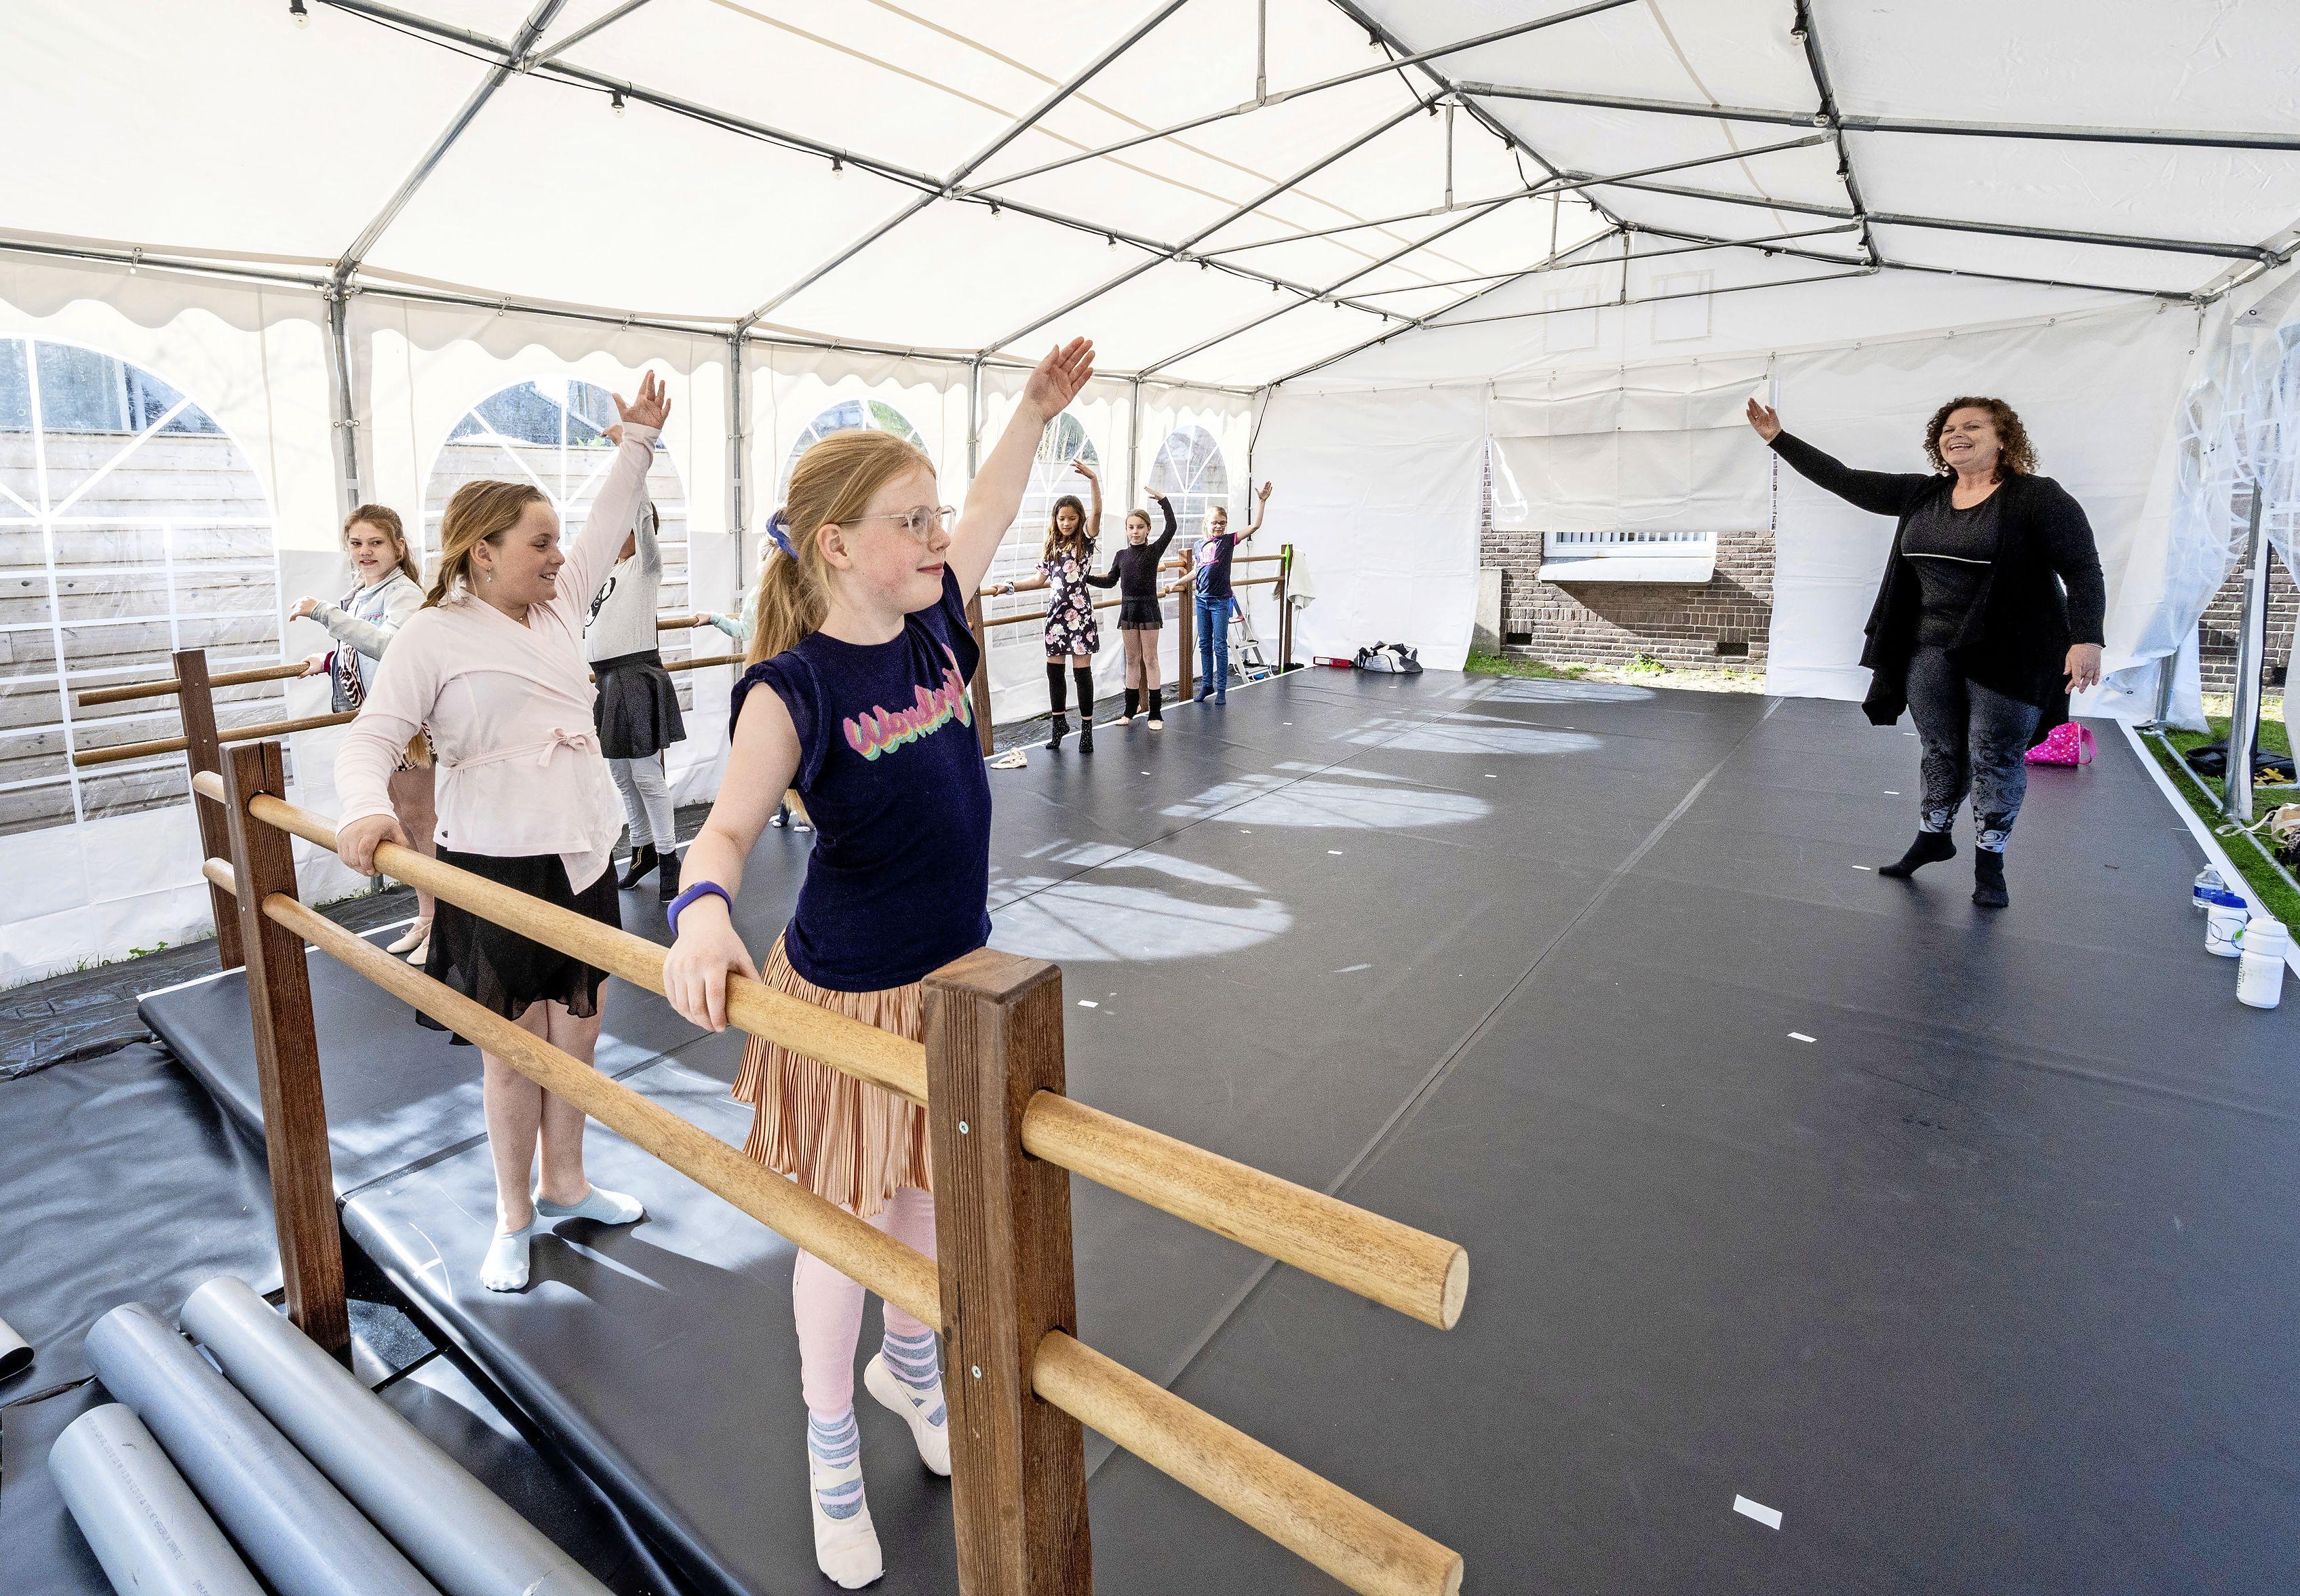 Trek je dansschoenen aan, want ballet en breakdance zijn weer mogelijk dankzij een speciale vloer in een tent